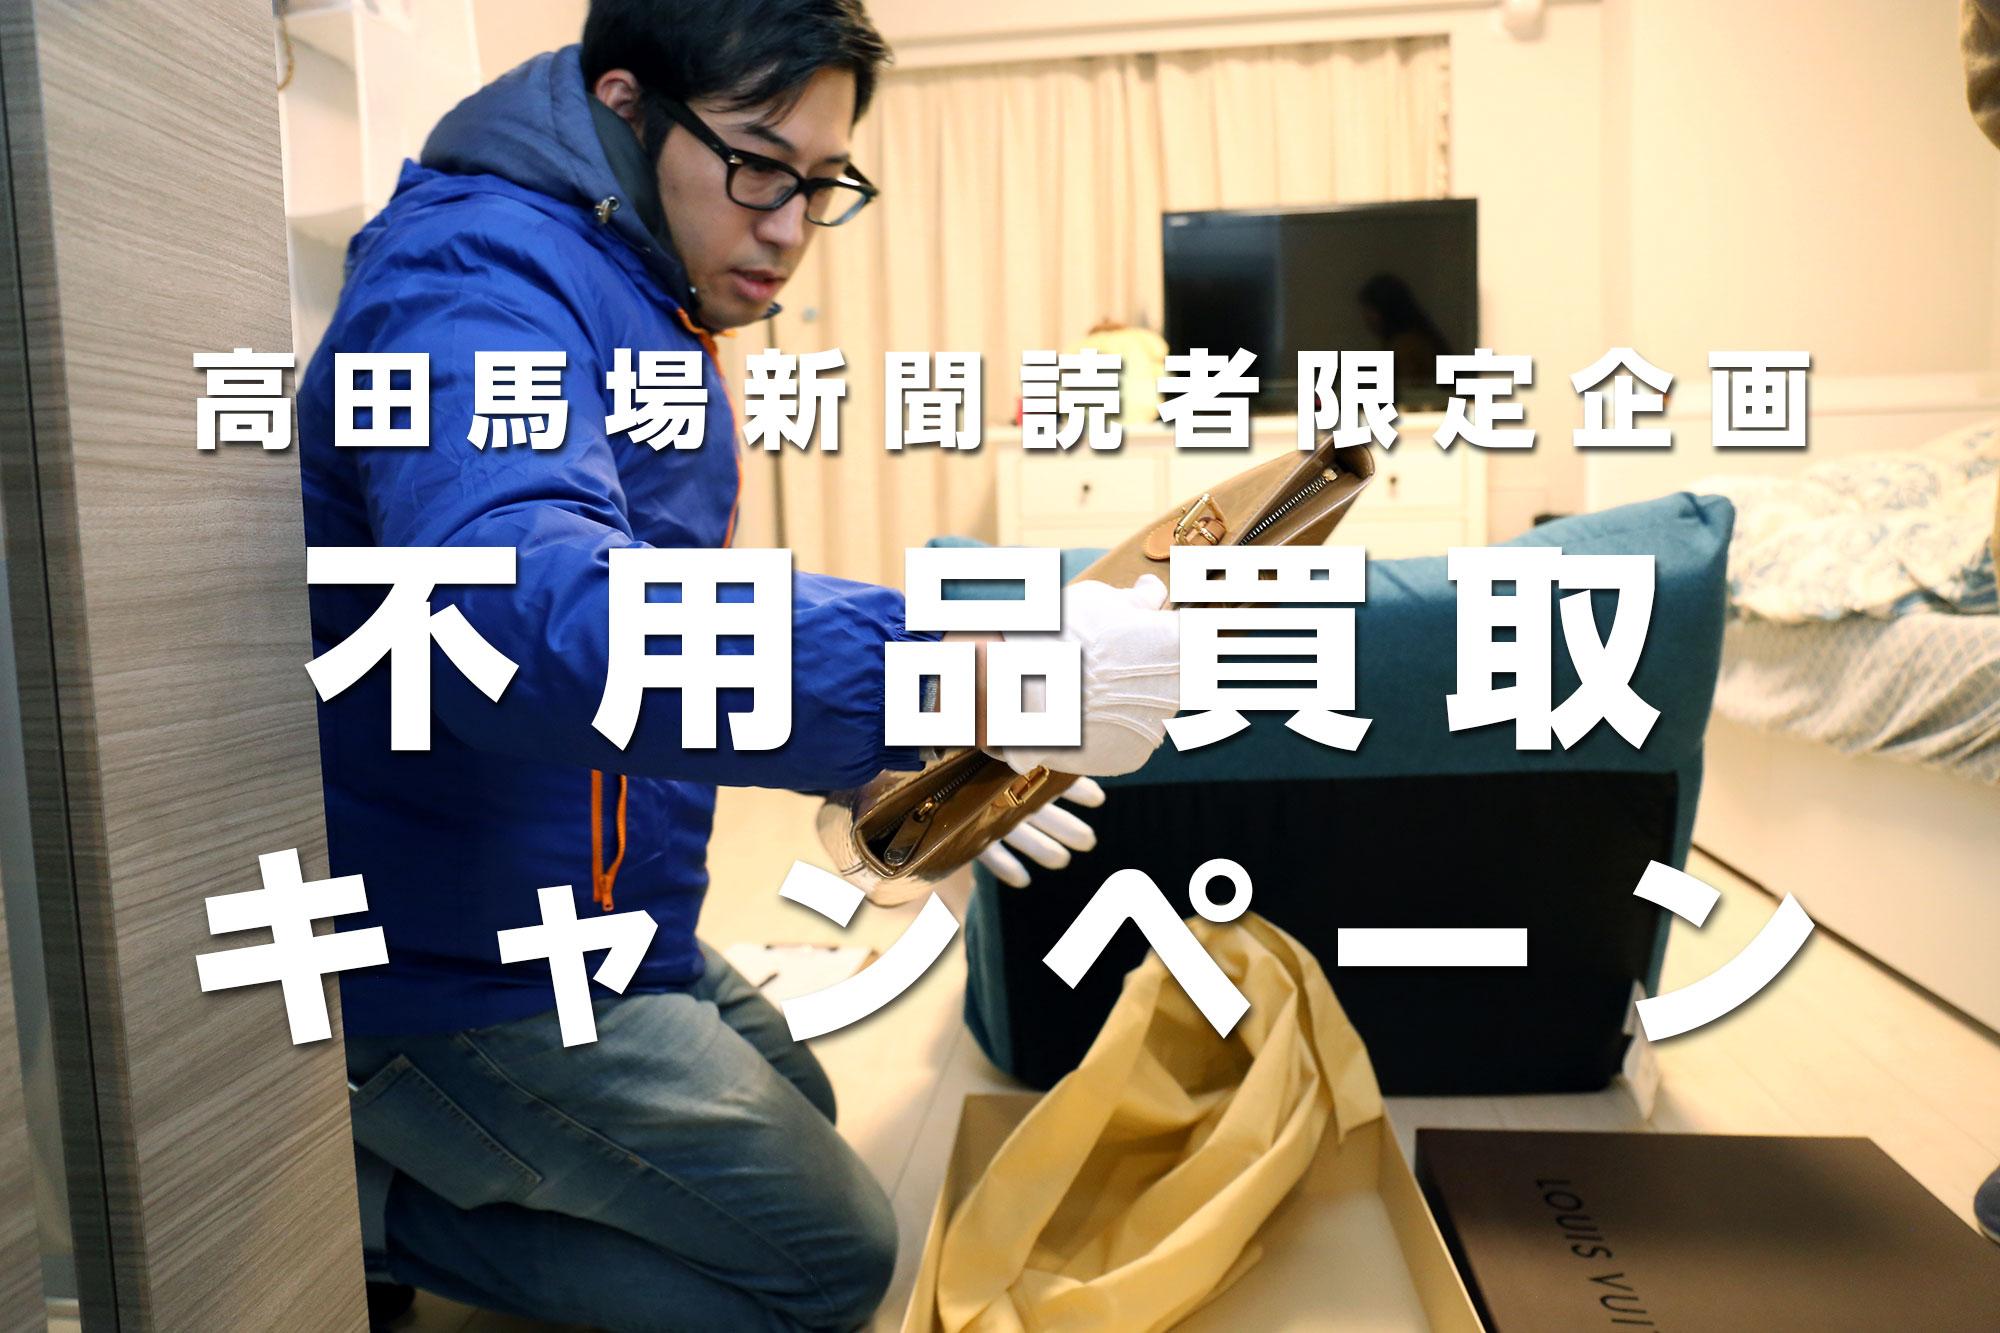 高田馬場・目白・早稲田の不用品買い取り「ねこや」が高田馬場新聞読者向けにキャンペーン。